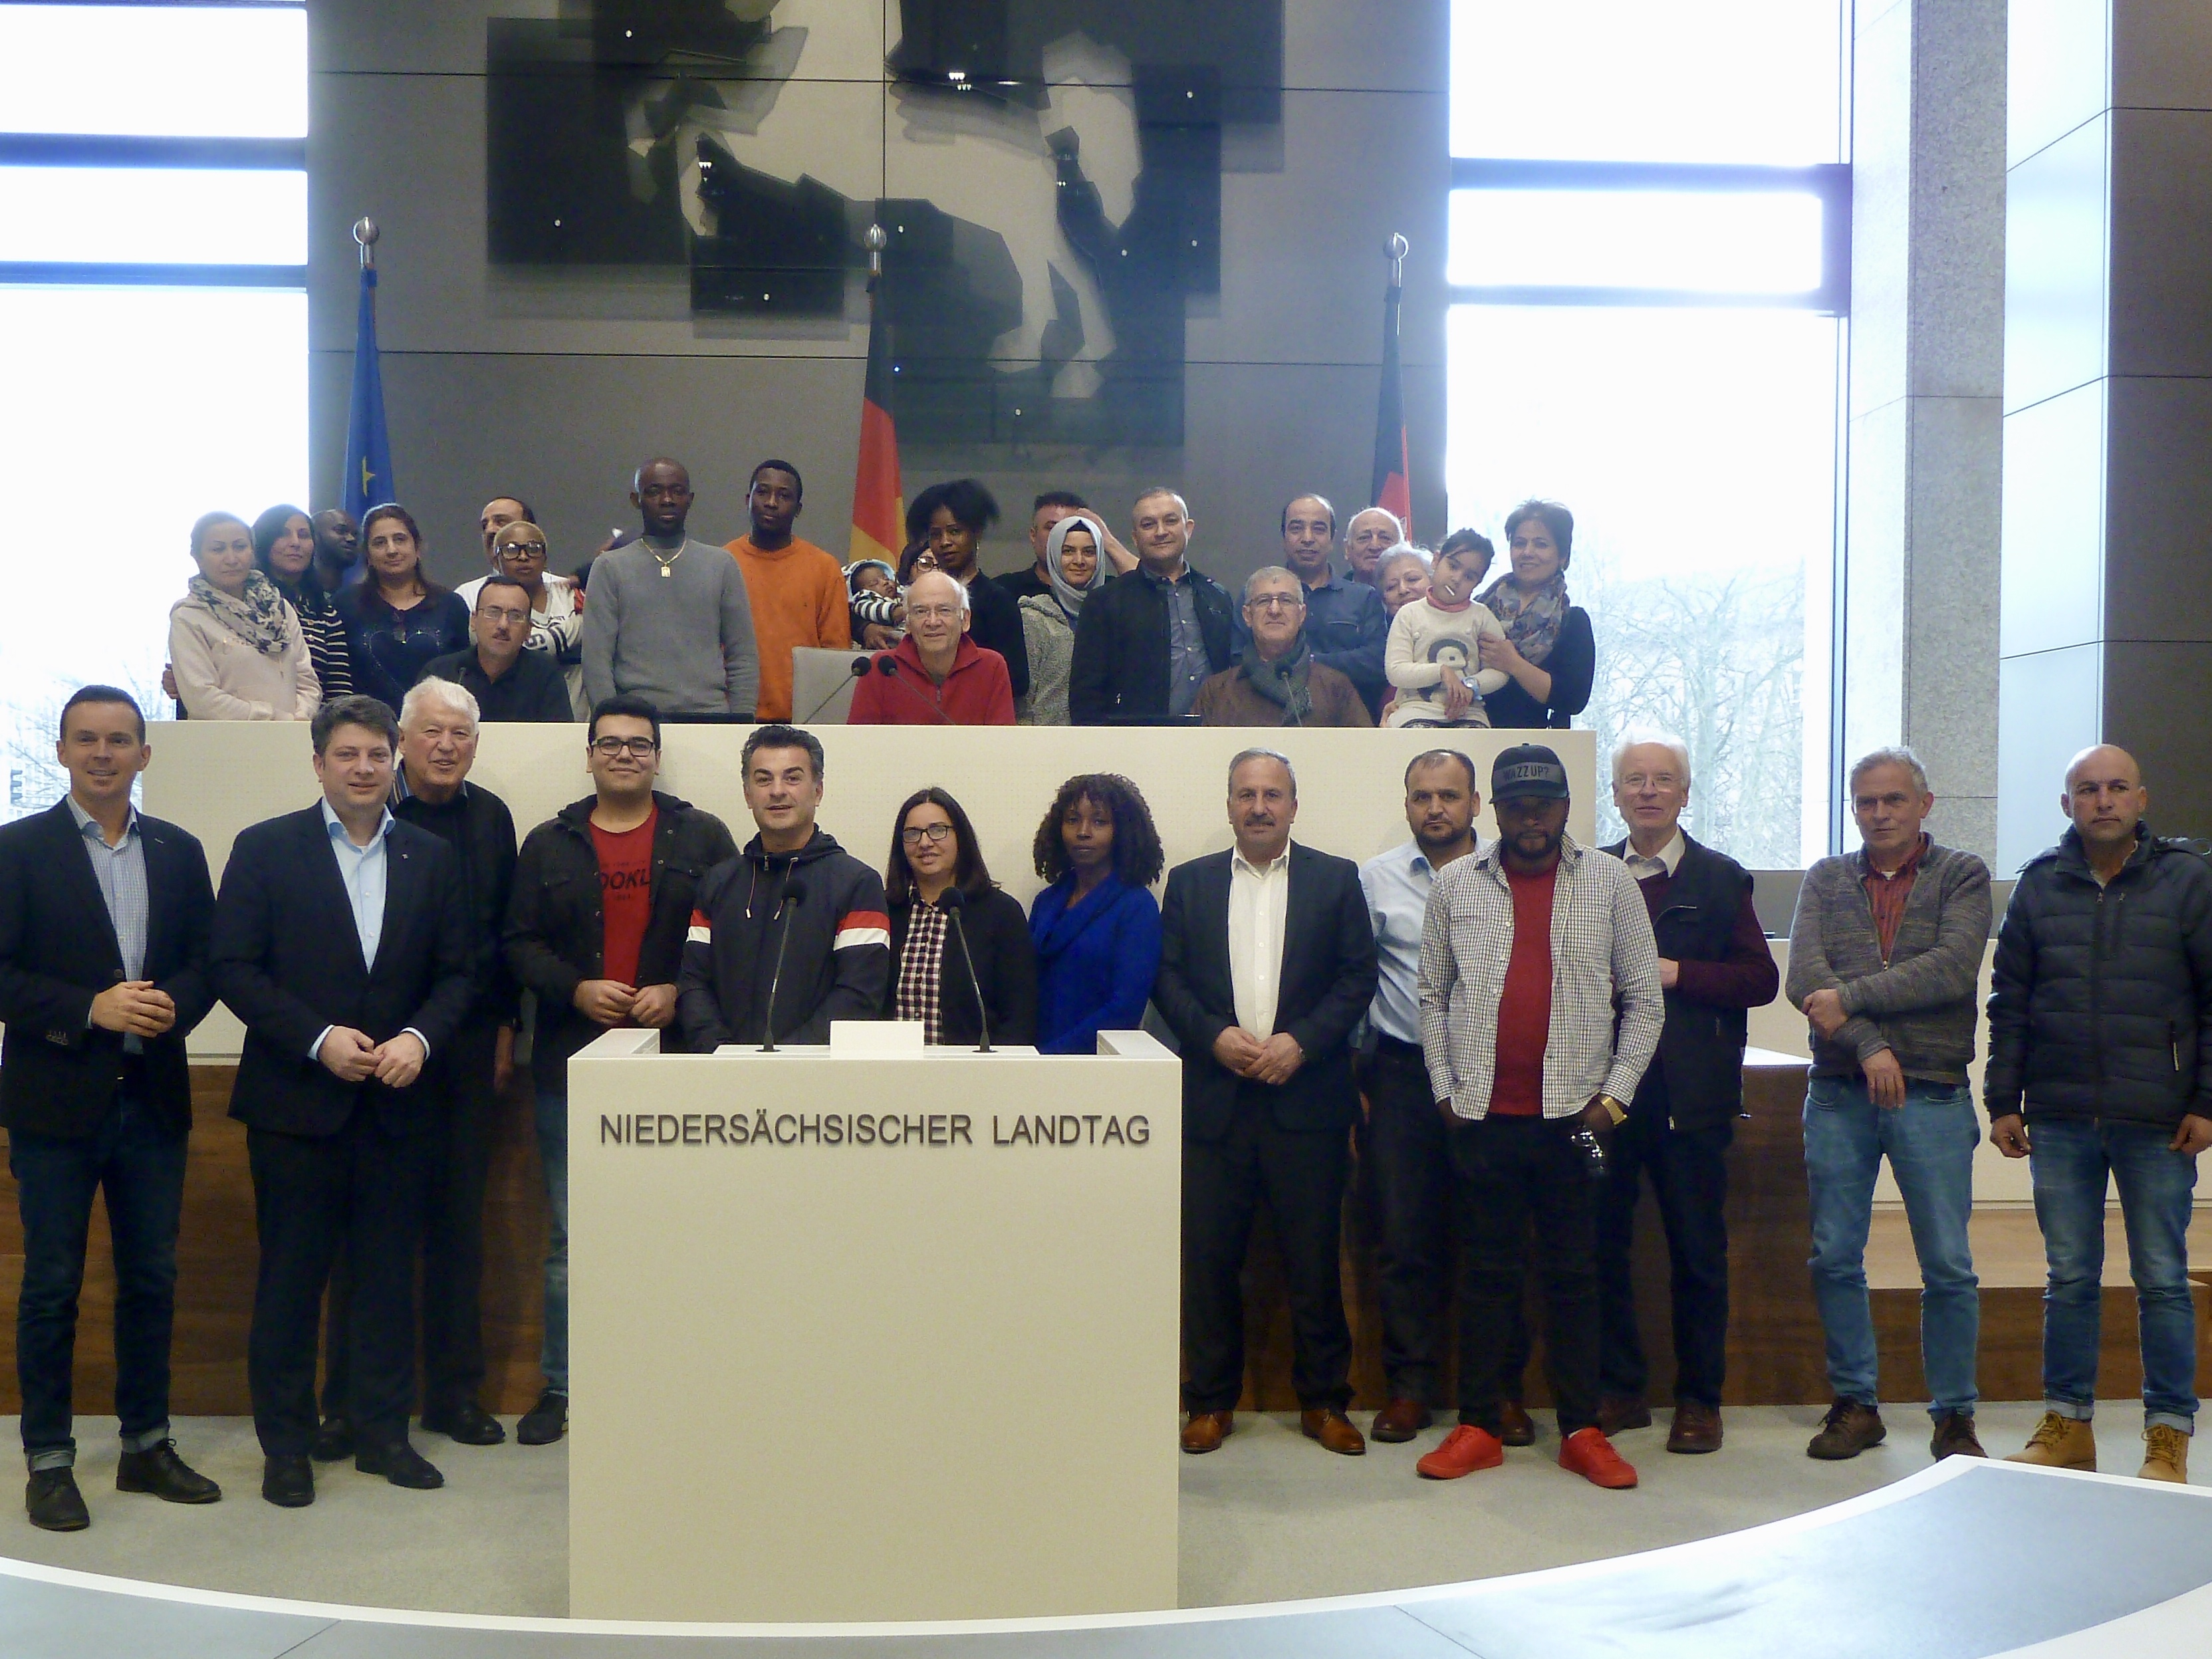 """""""Erstorientierungskurs"""" zu Gast im Niedersächsischen Landtag: Landtagsabgeordneter Christian Calderone begrüßte die Gruppe auf Initiative von Zeljko Dragic in Hannover."""